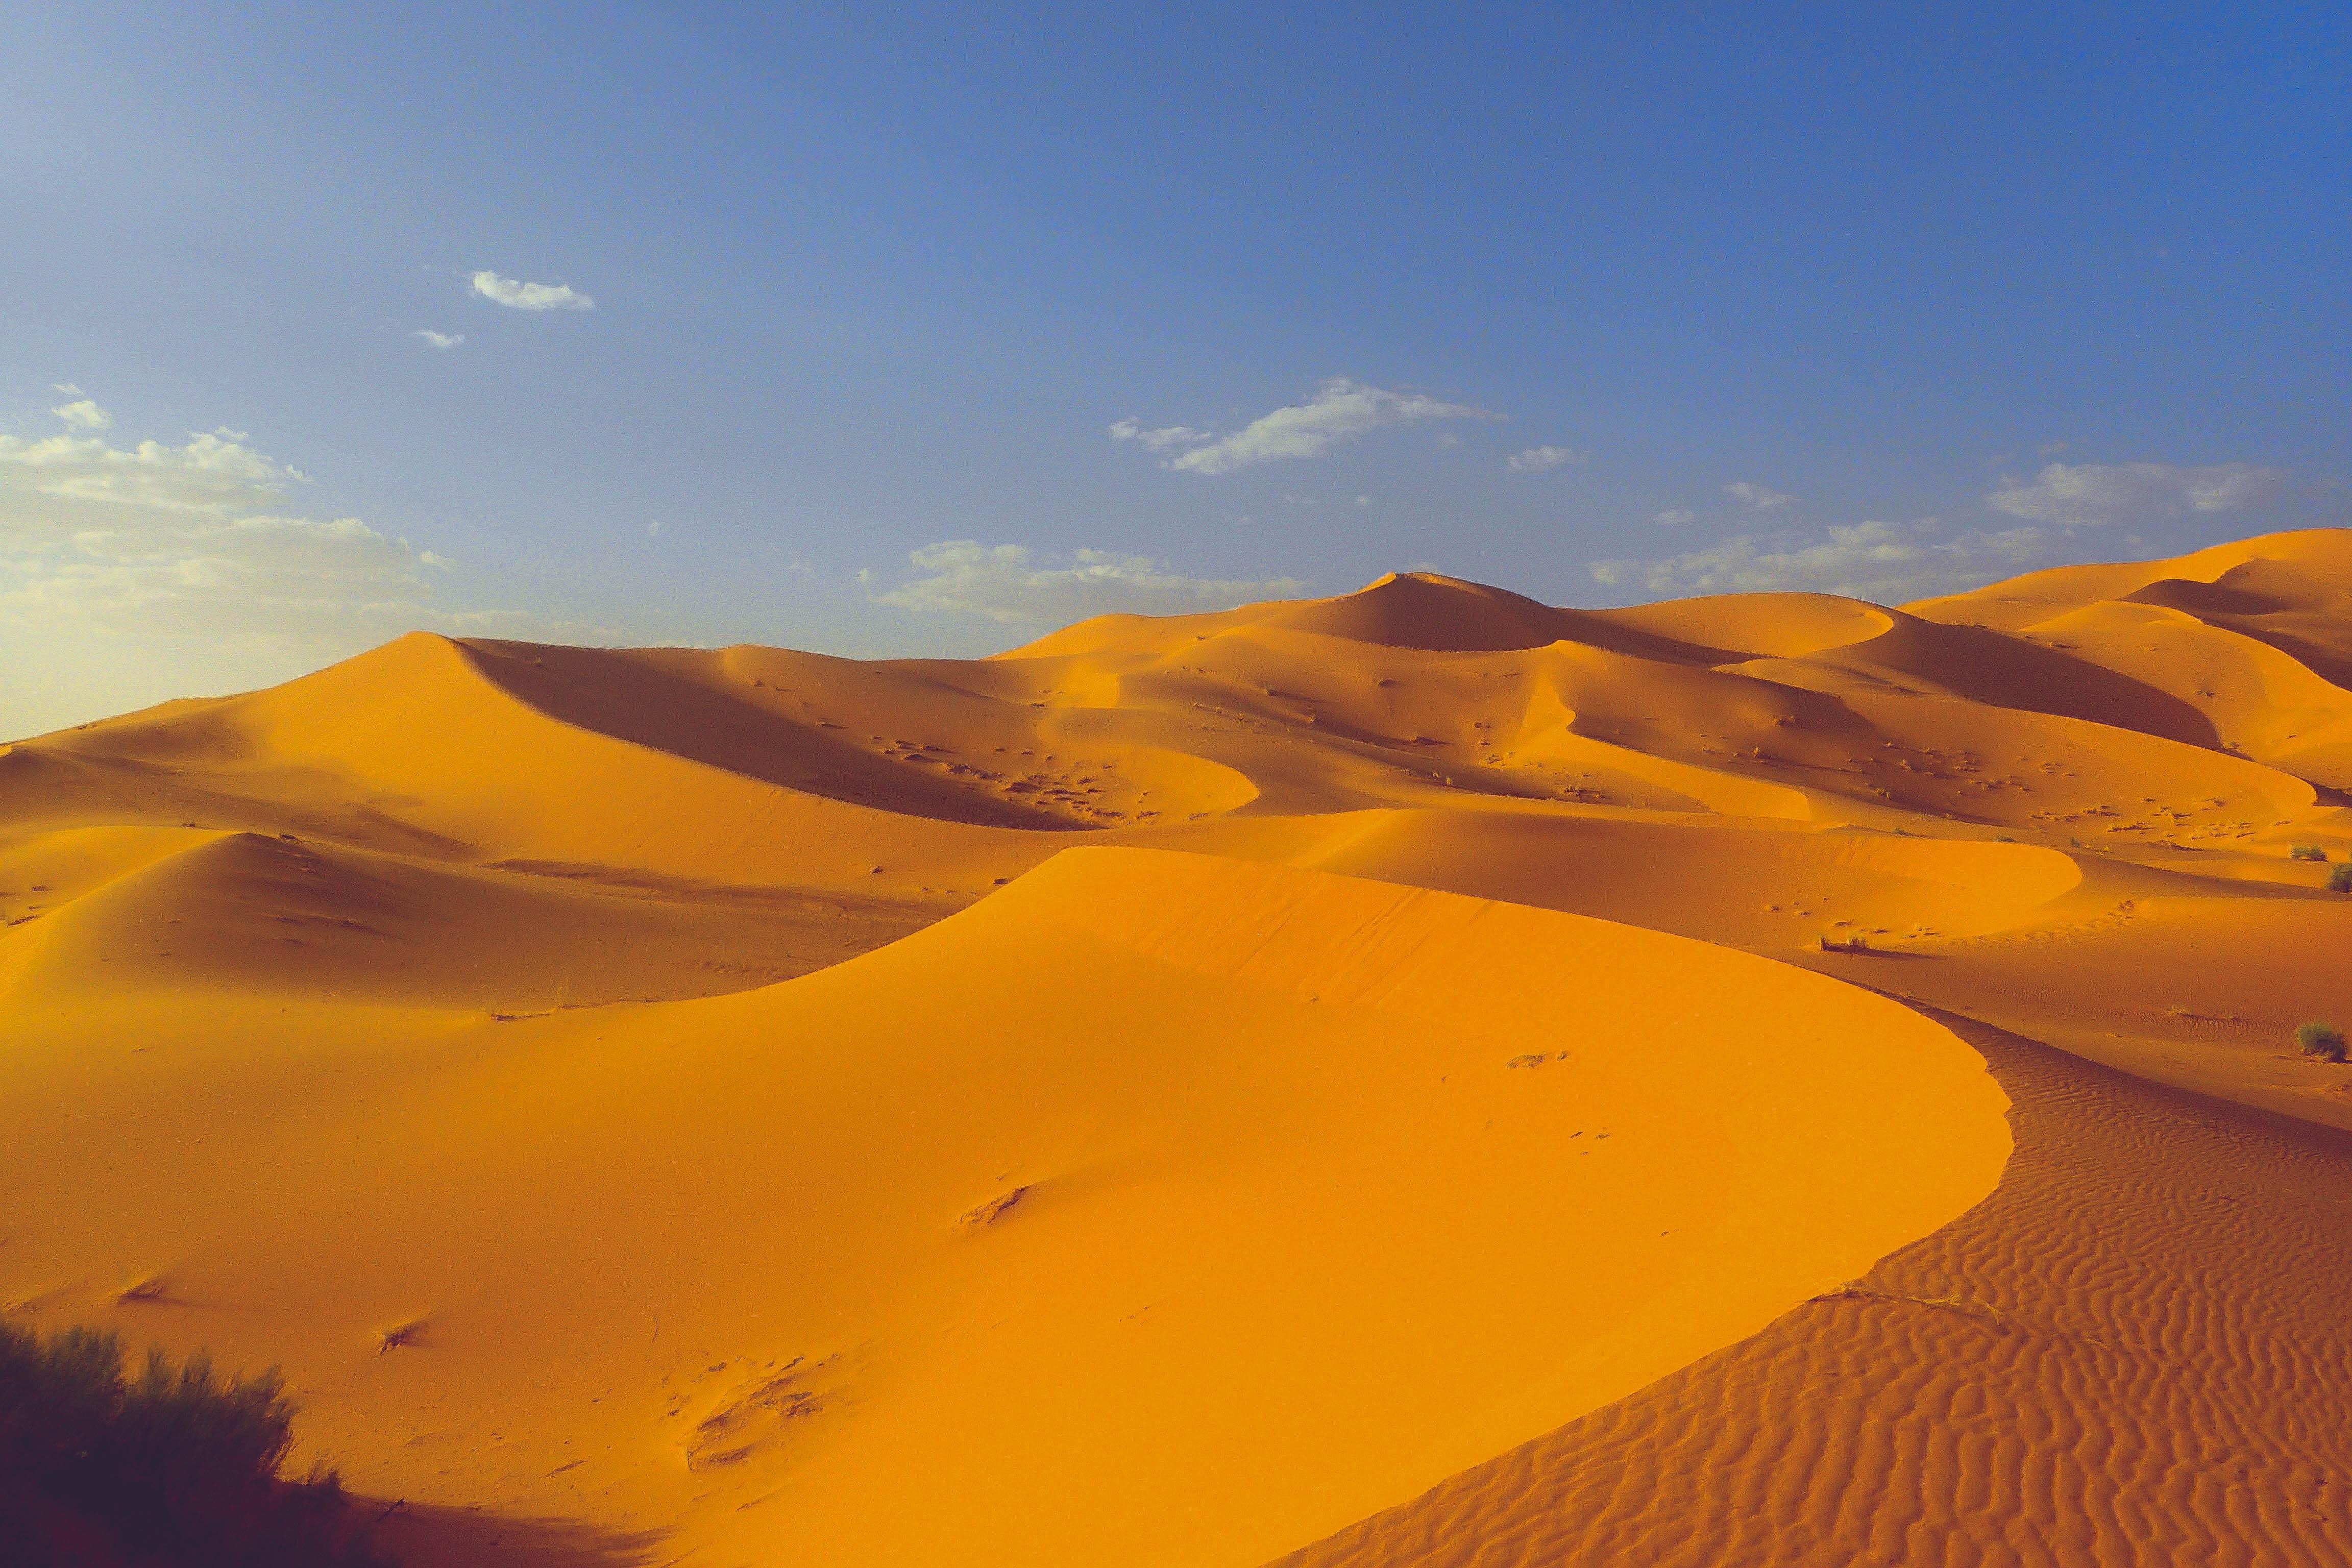 aerial photo of desert